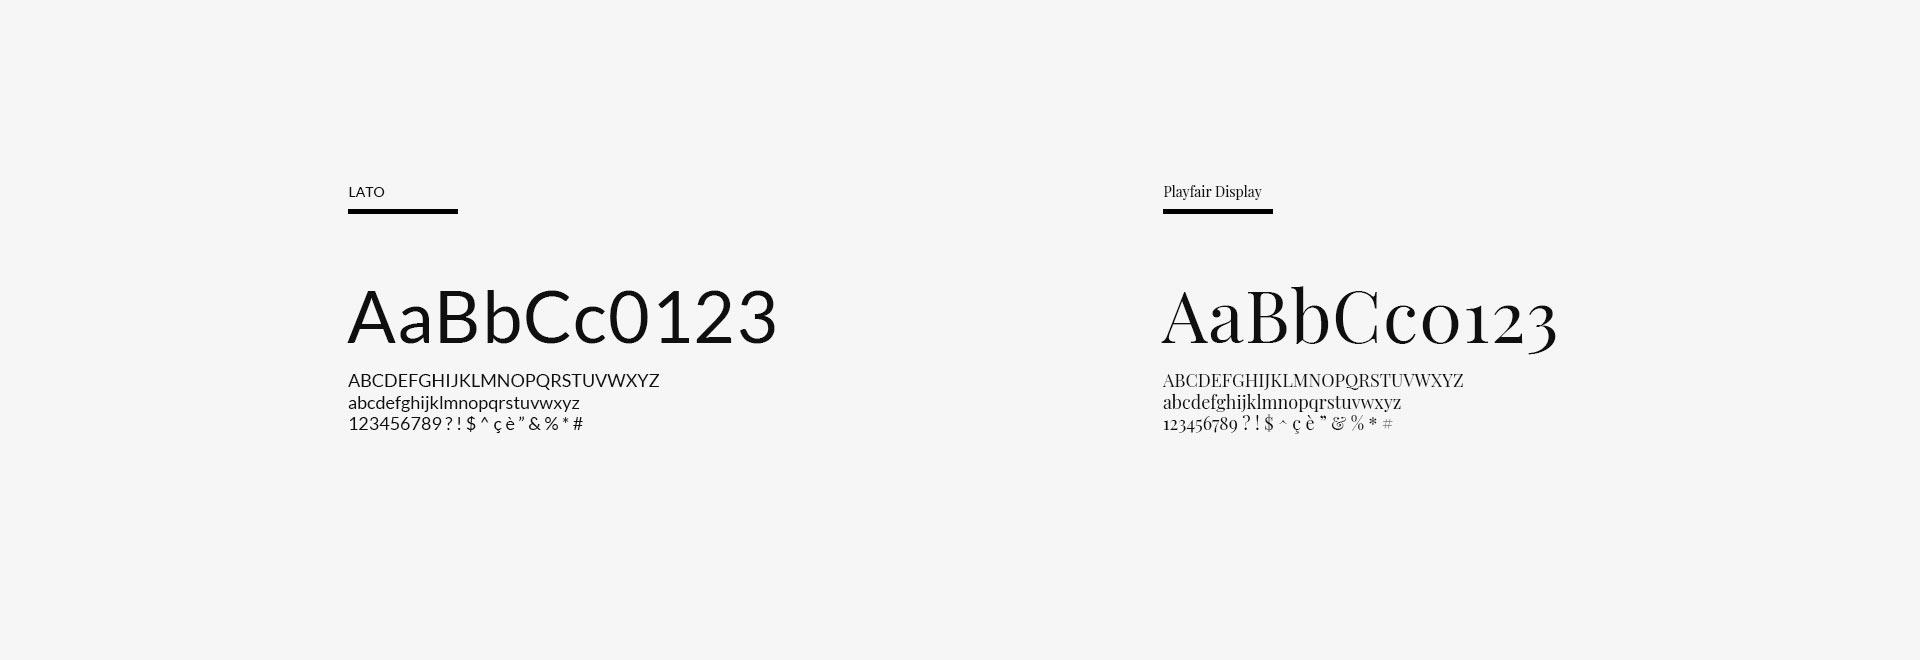 nexen 02 font grafico milano